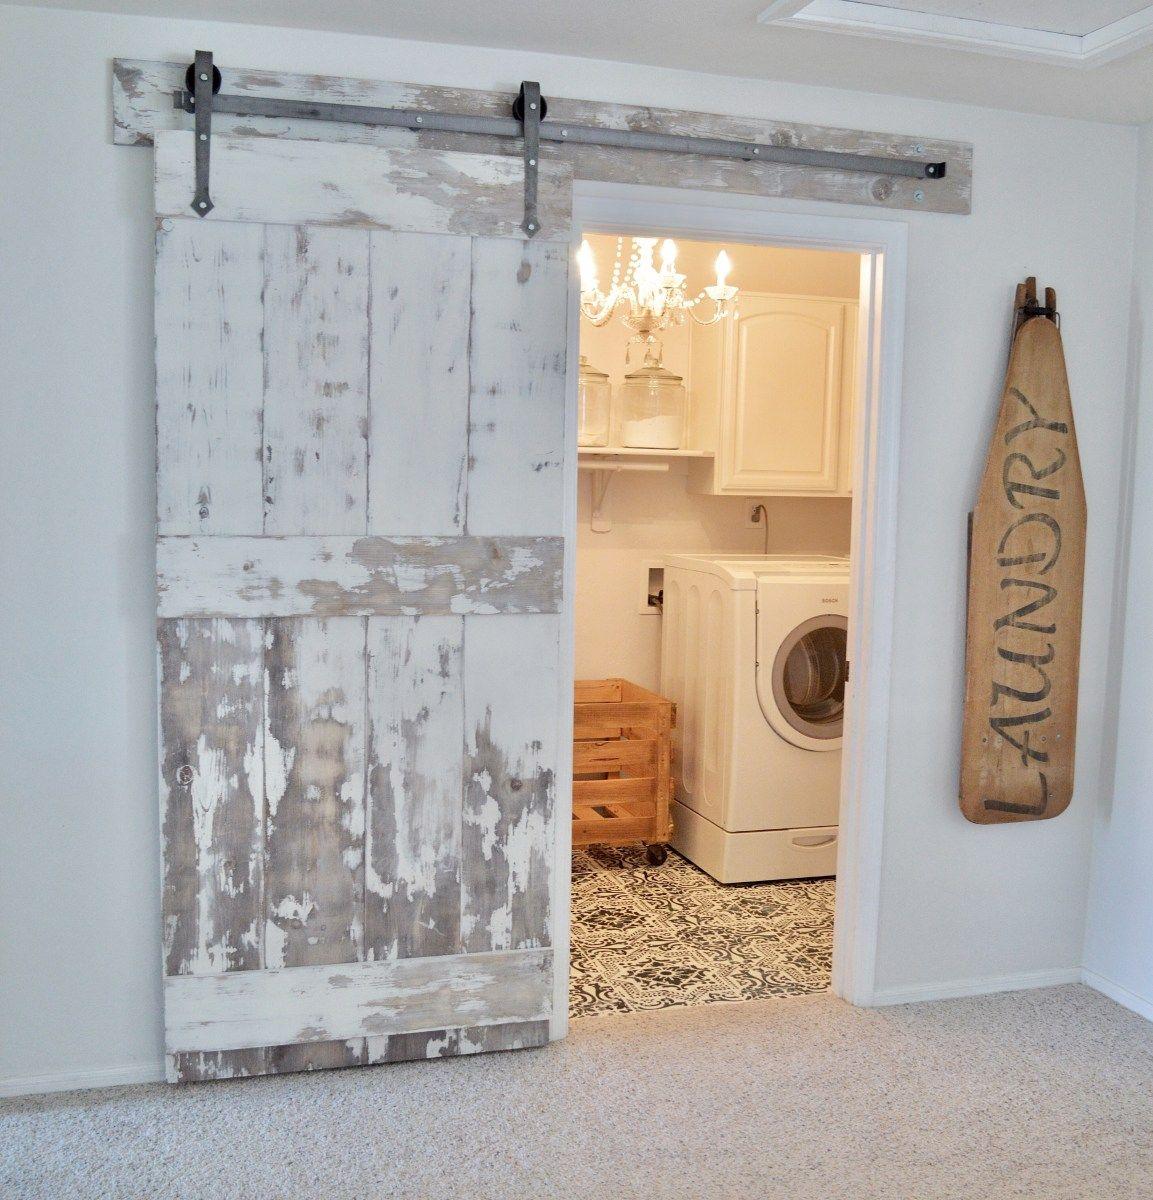 My Laundry Room Update With Diy Barn Door And Painted Floor Tutorial Laundry Room Update Diy Barn Door Laundry